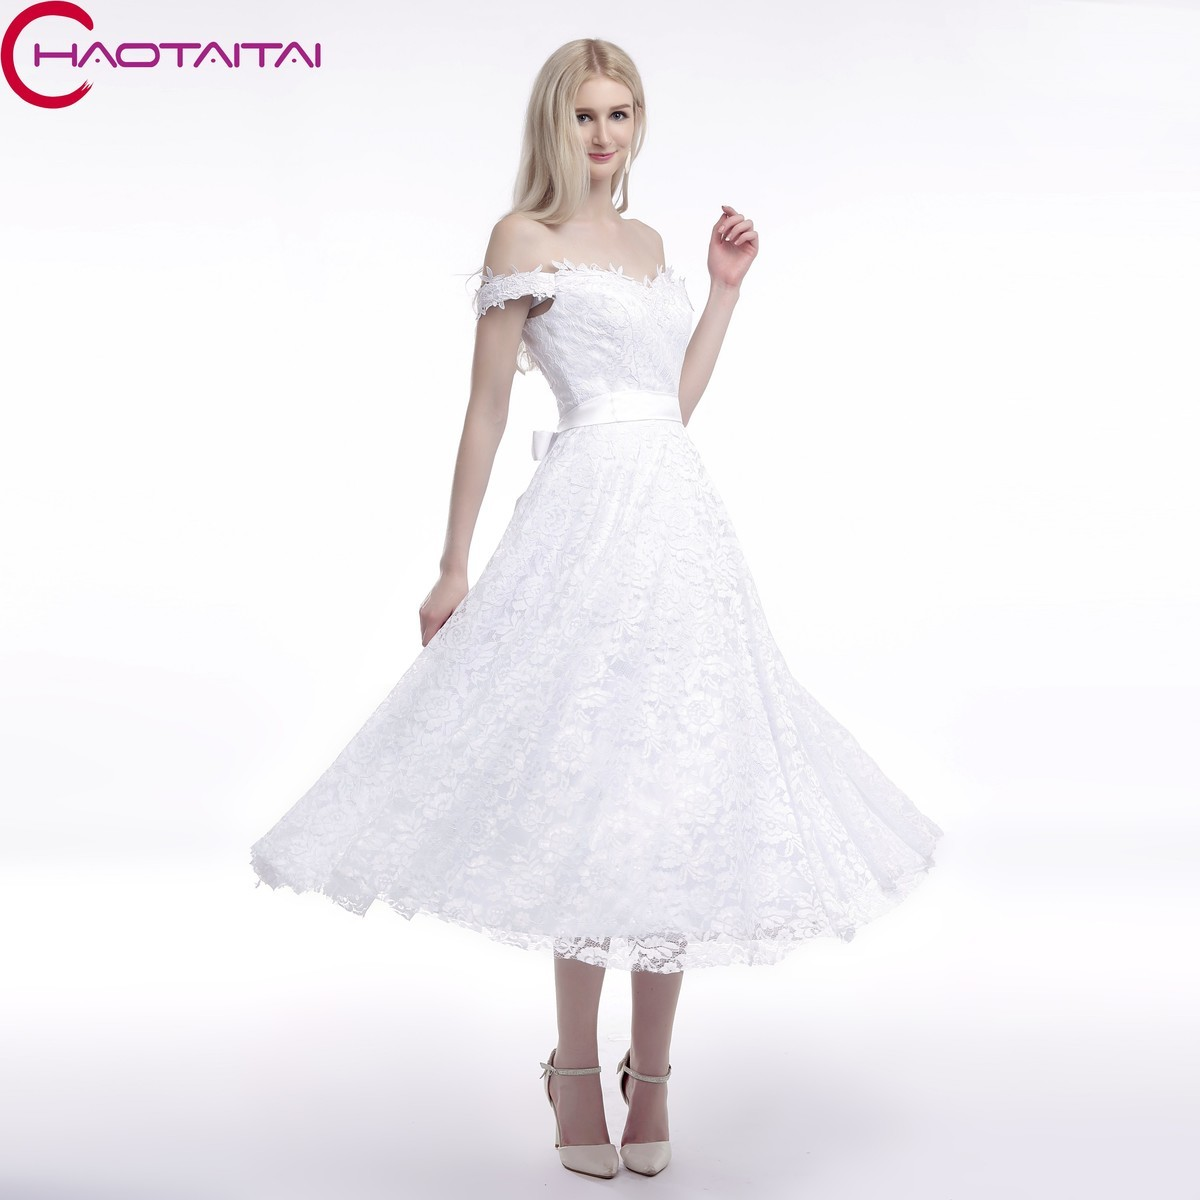 Hochzeitskleid Billig Spitze Vintage 2018 Sleeveless Short Eine ...